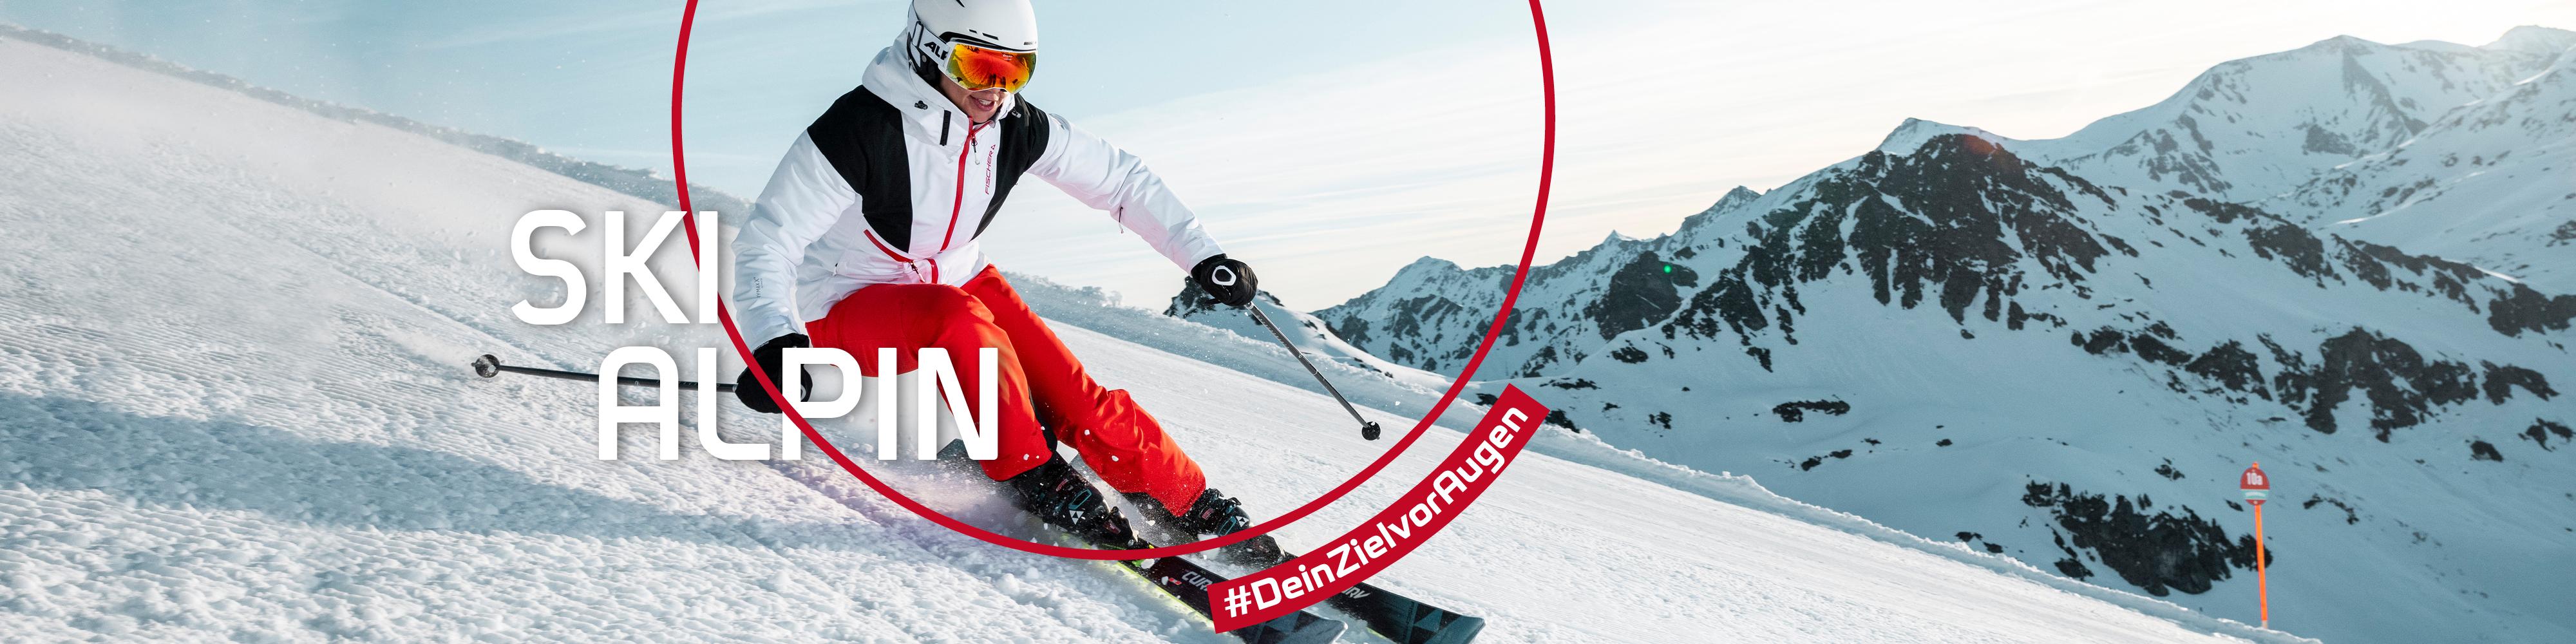 Ski Alpin-Kategorie